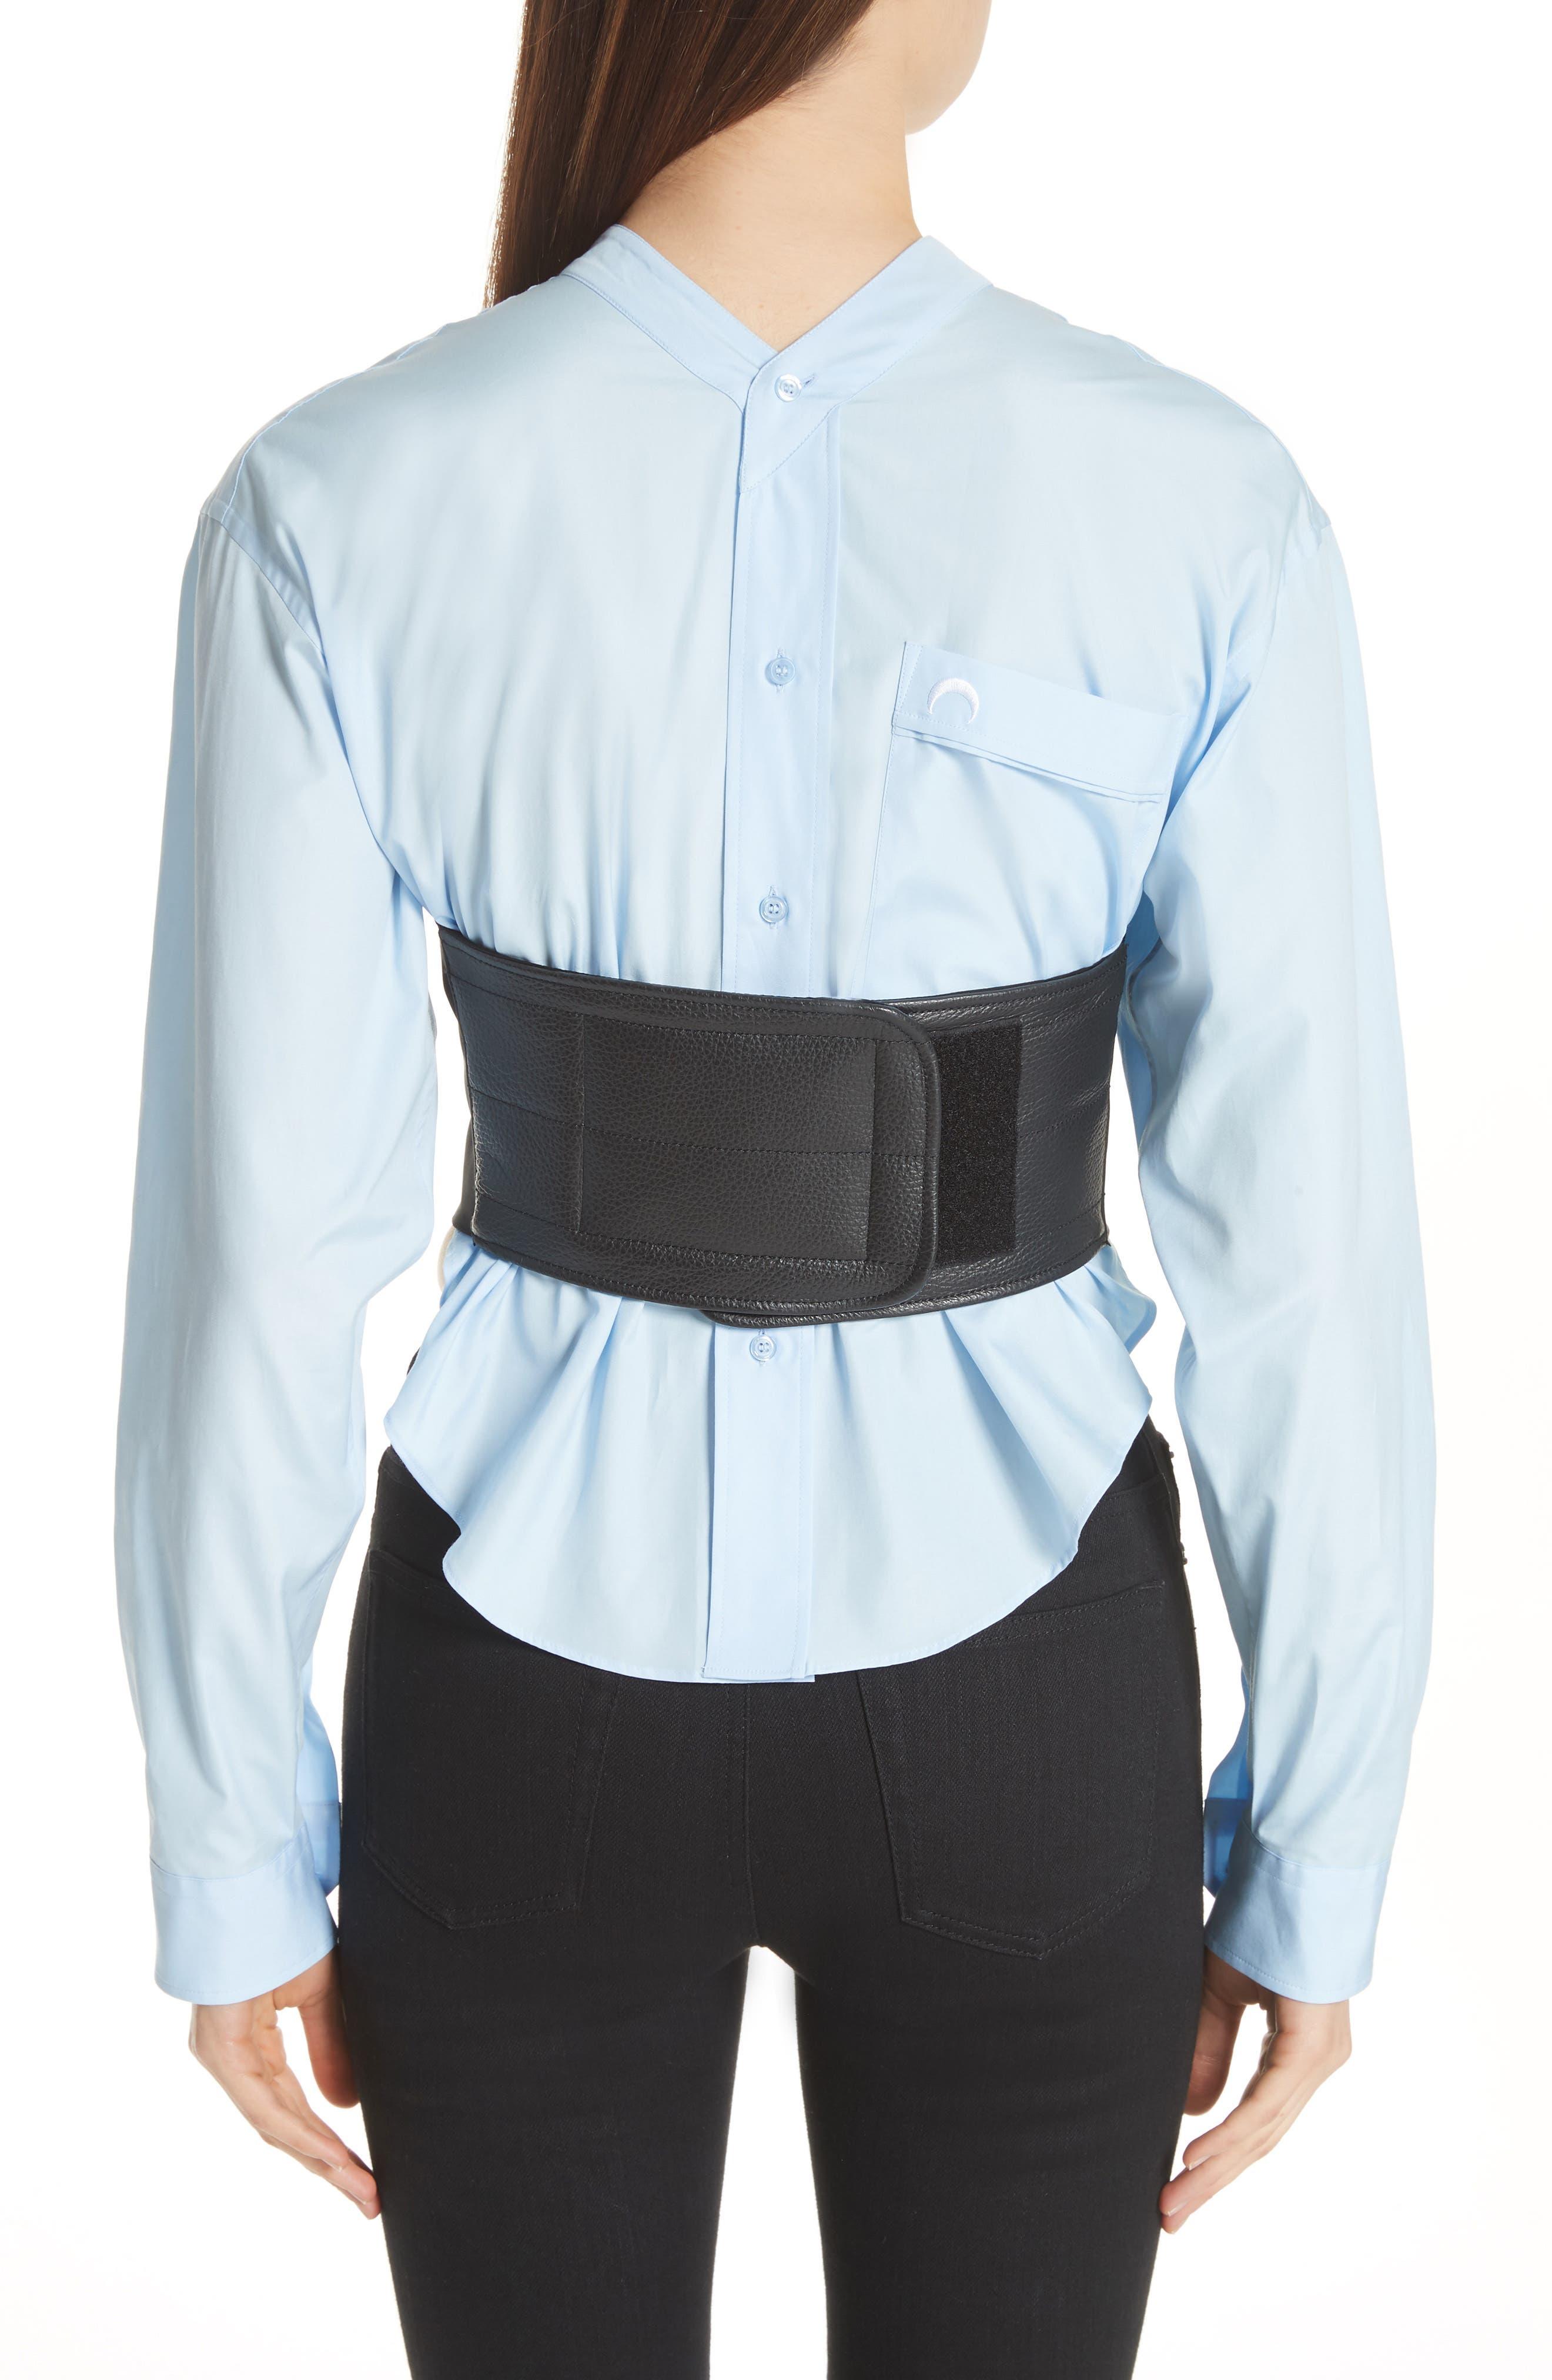 Bustier Shirt,                             Alternate thumbnail 2, color,                             Blue/ Black Bustier